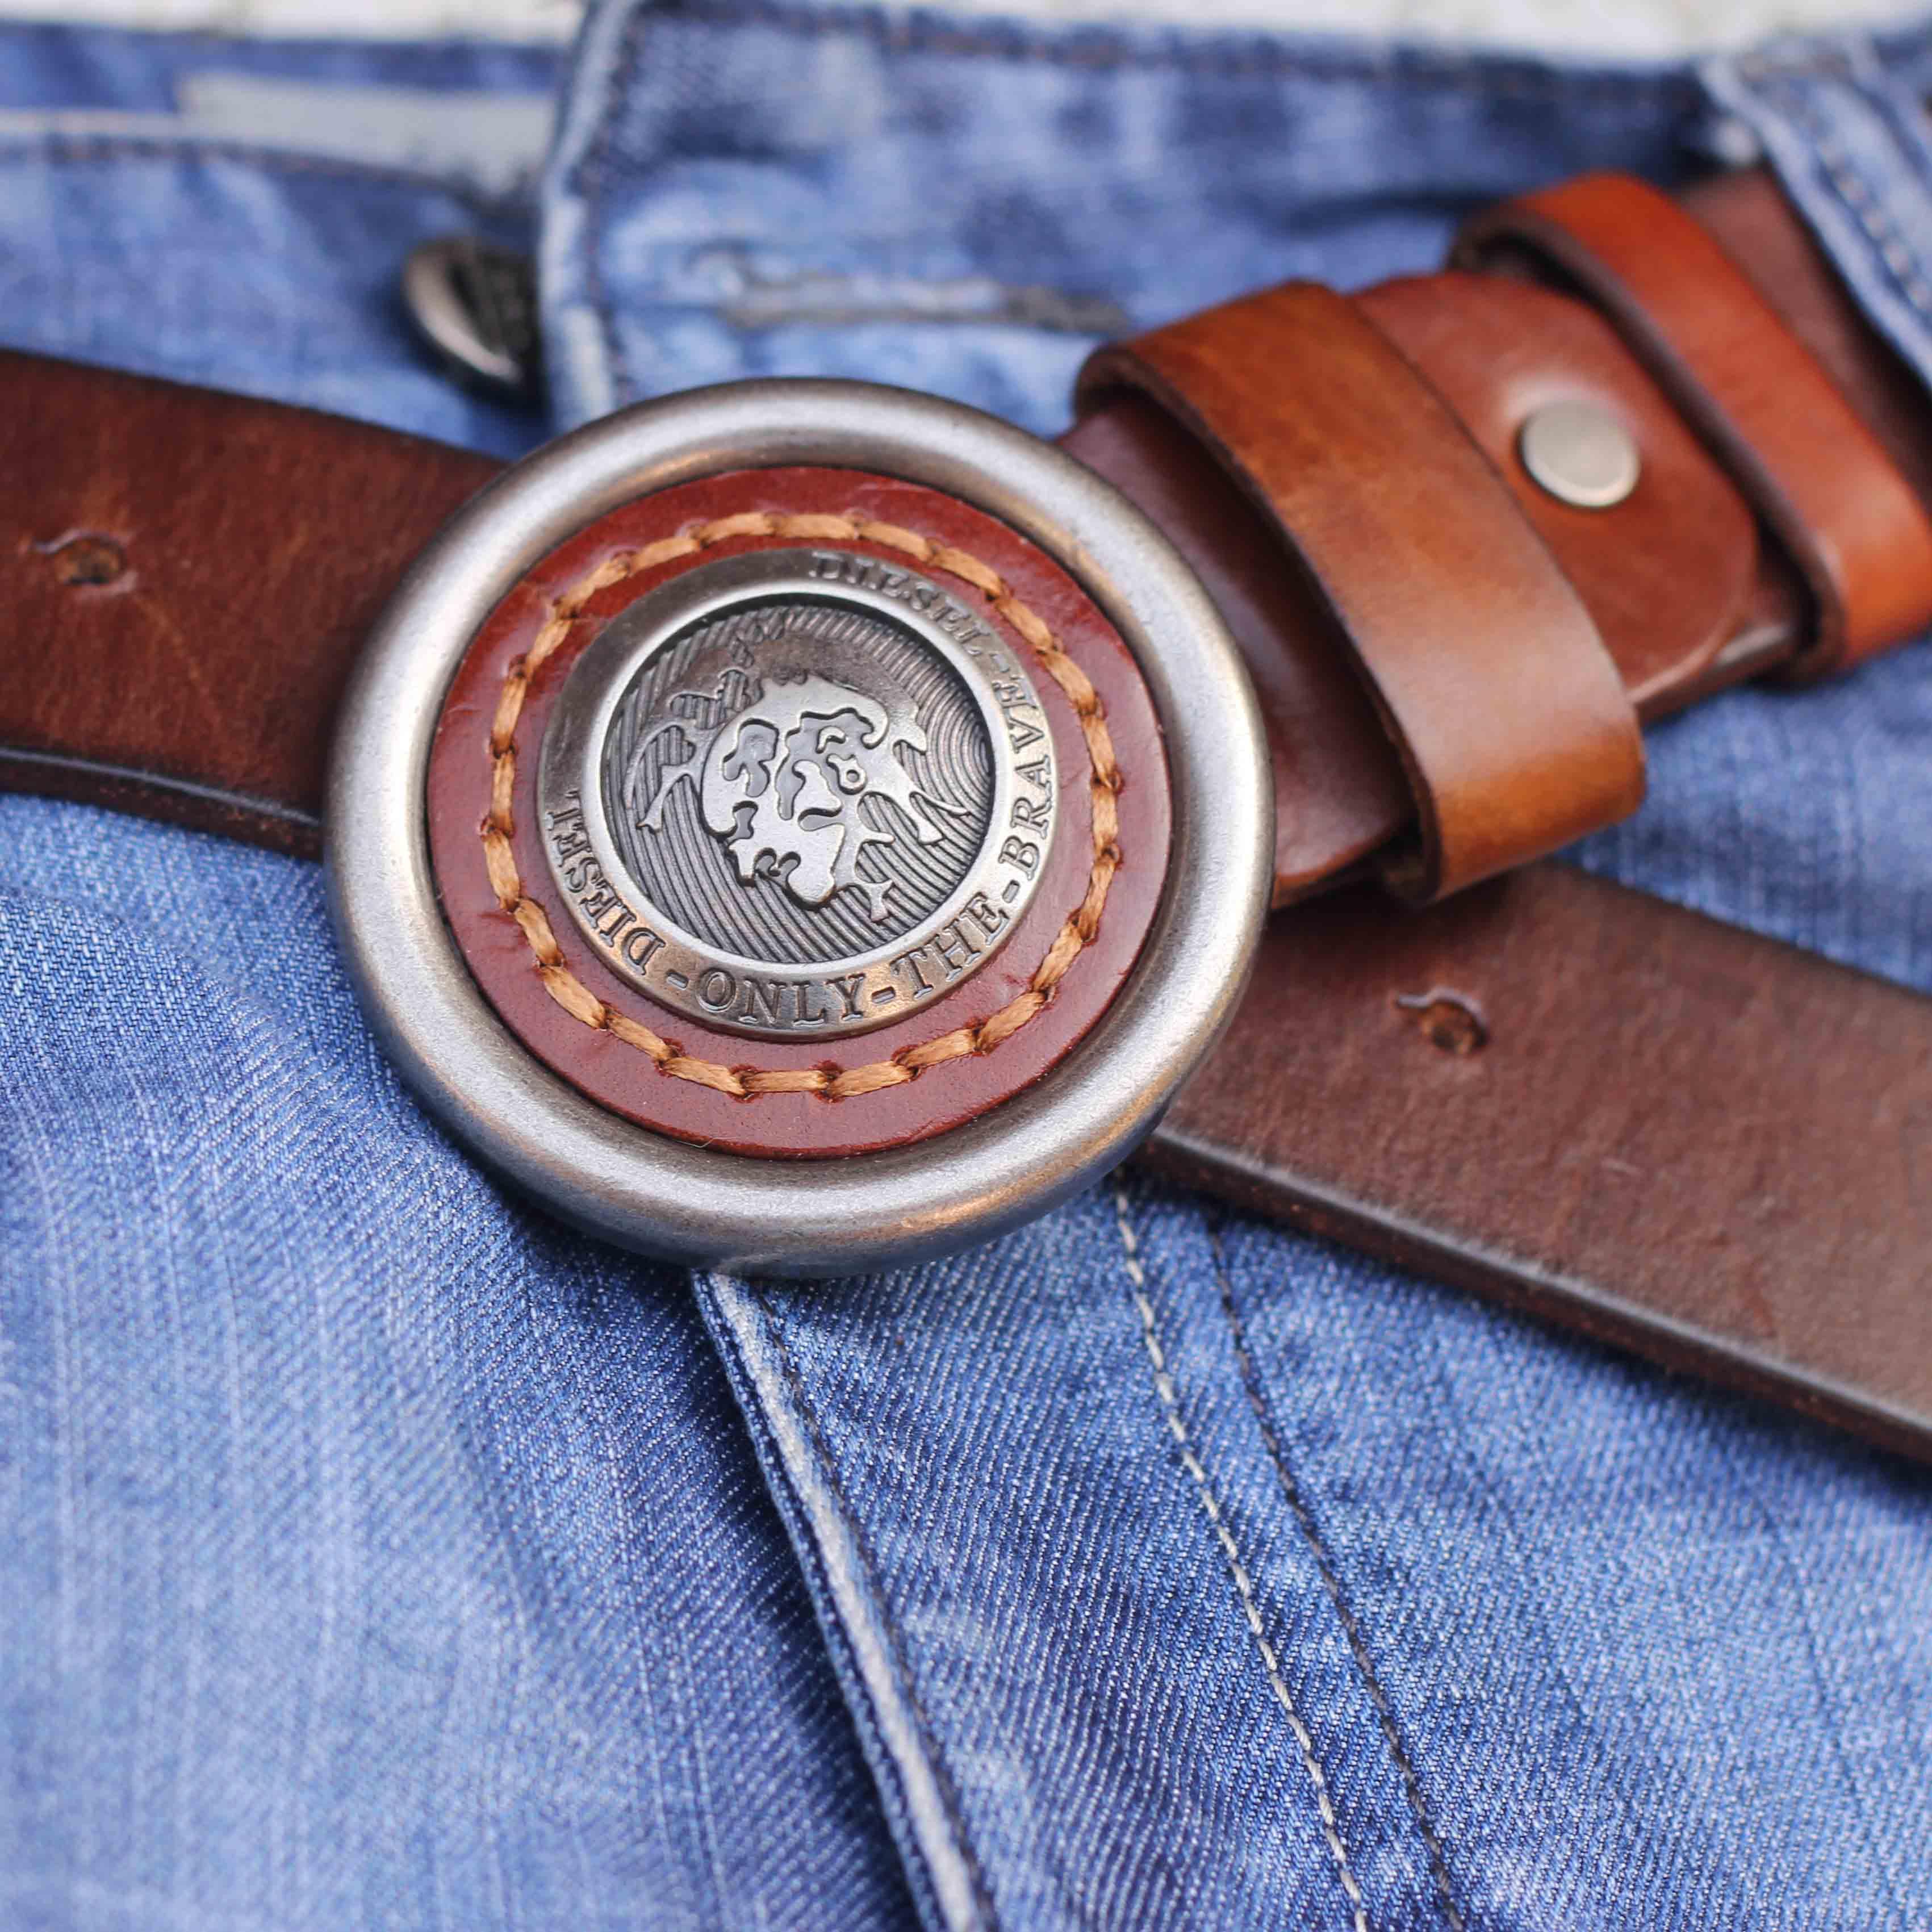 Ремень Дизель Мужская свинца в гладкая кожа пряжки классический начальника внешней торговли кожаный ремень мужской ремень